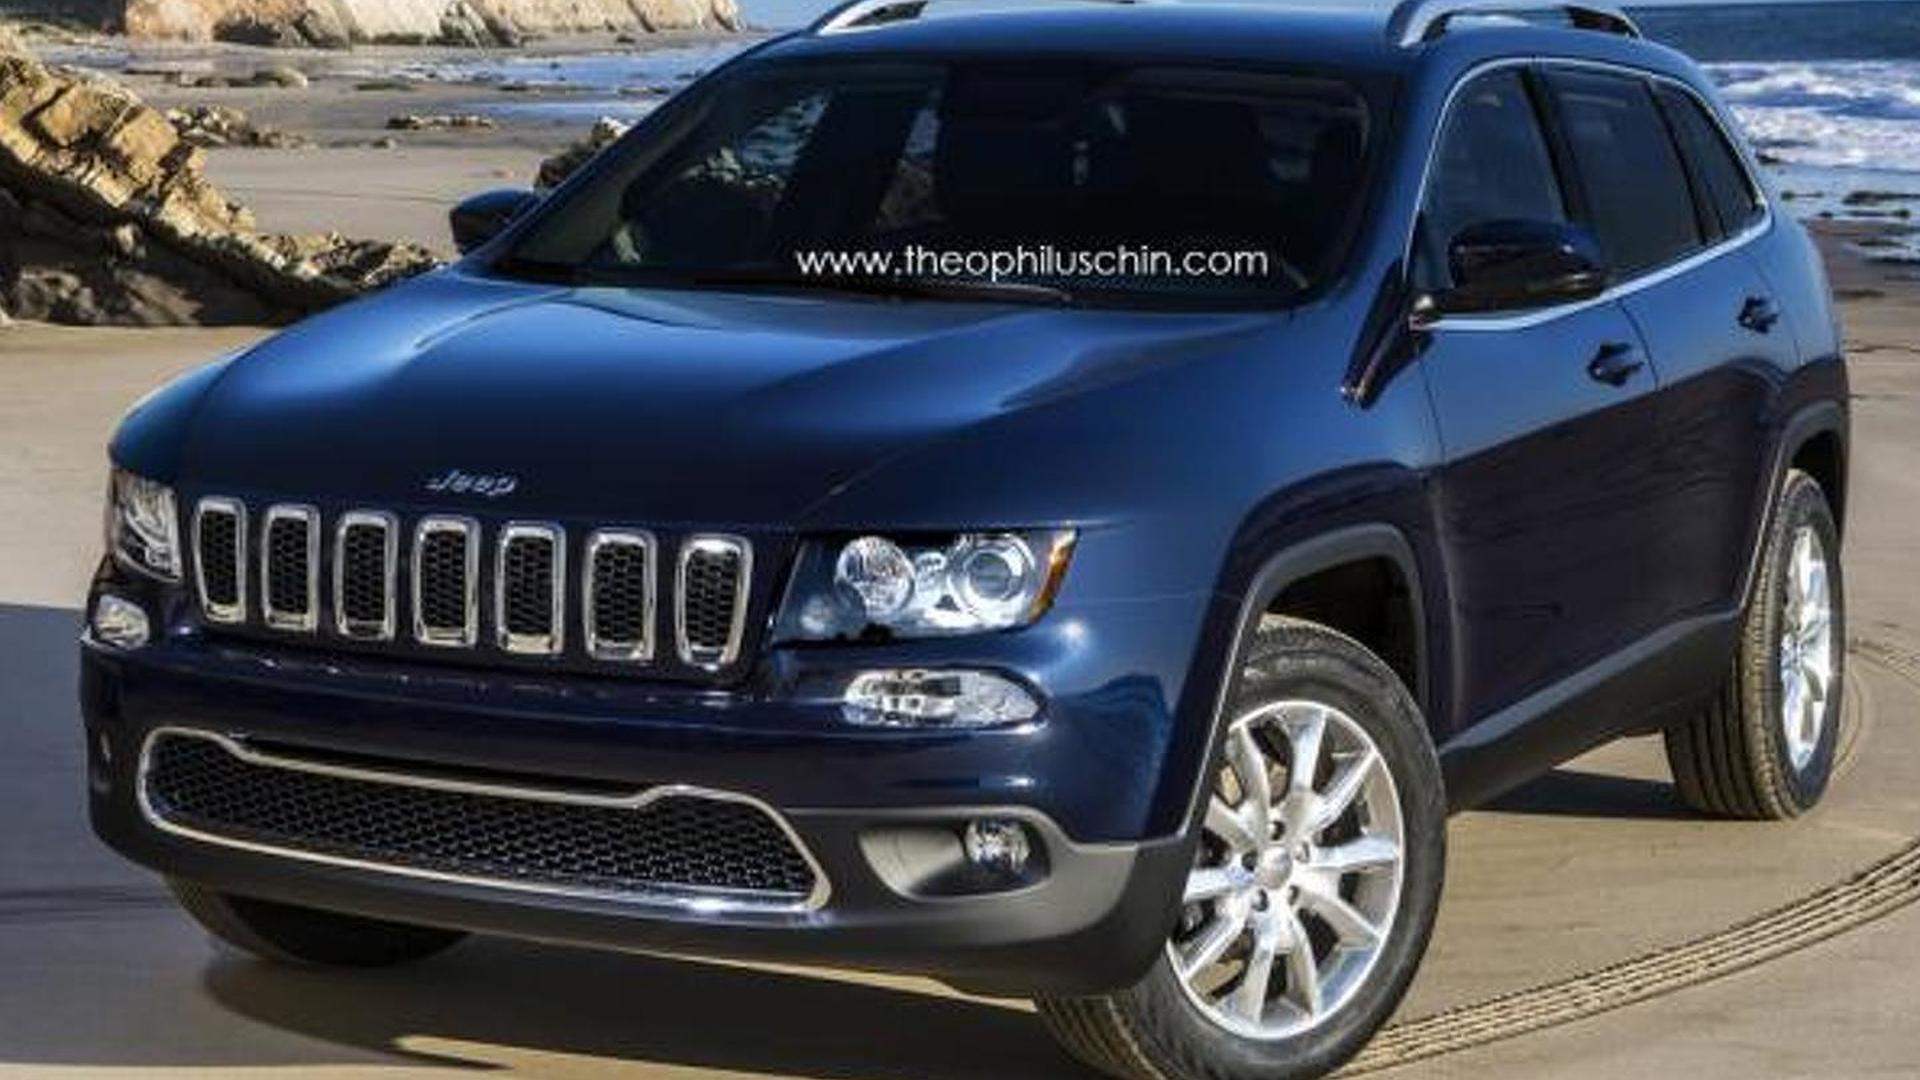 2014 Jeep Cherokee render brings normal front fascia